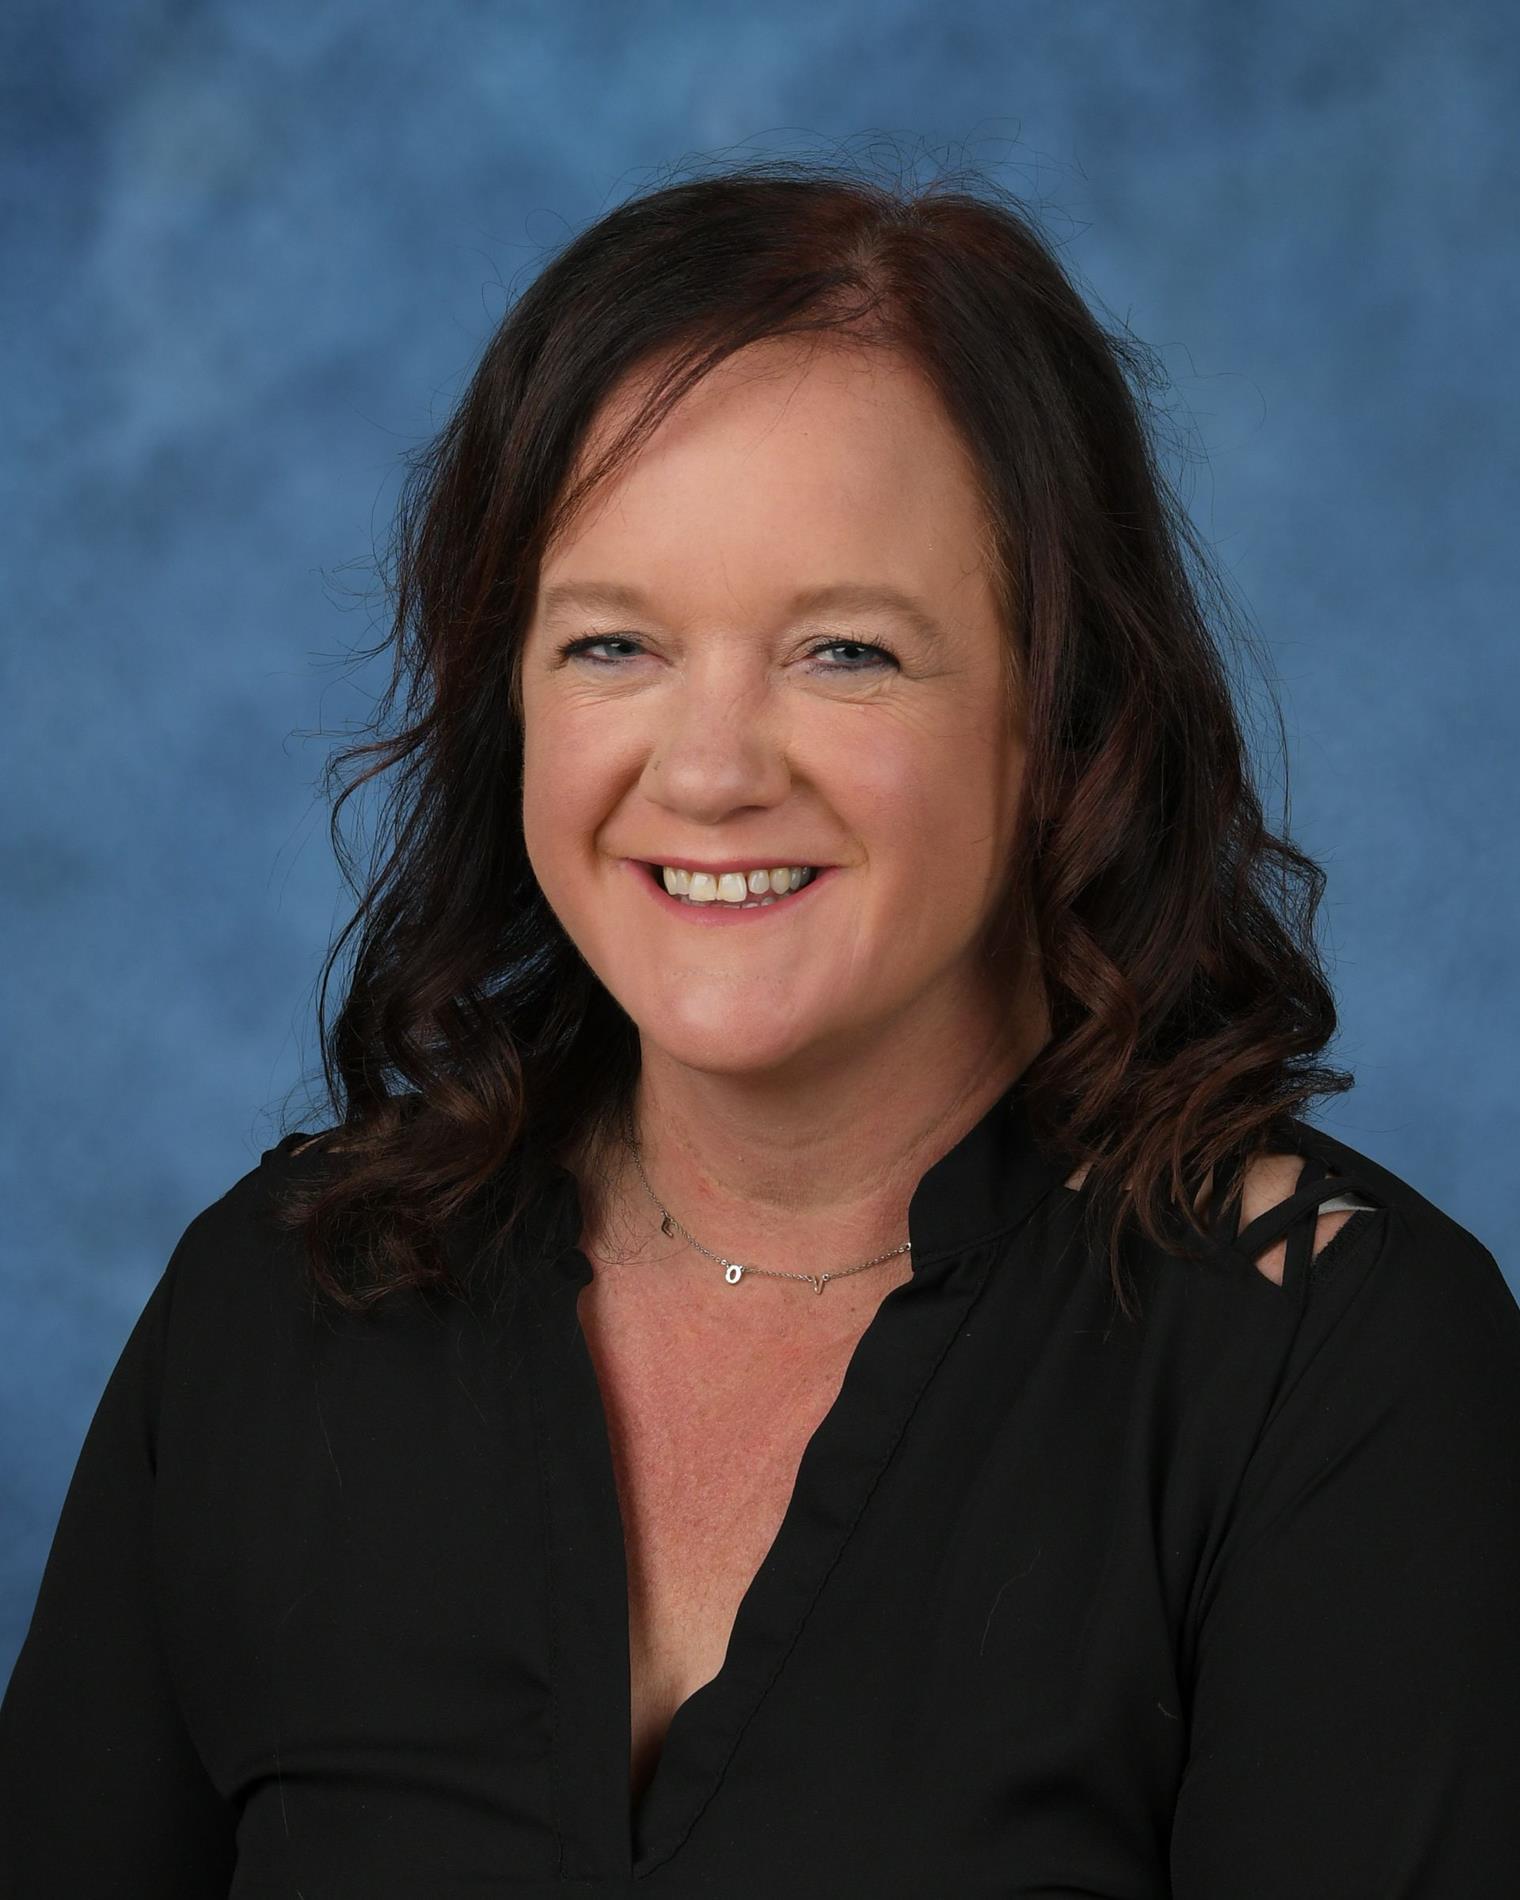 Melissa Pratt